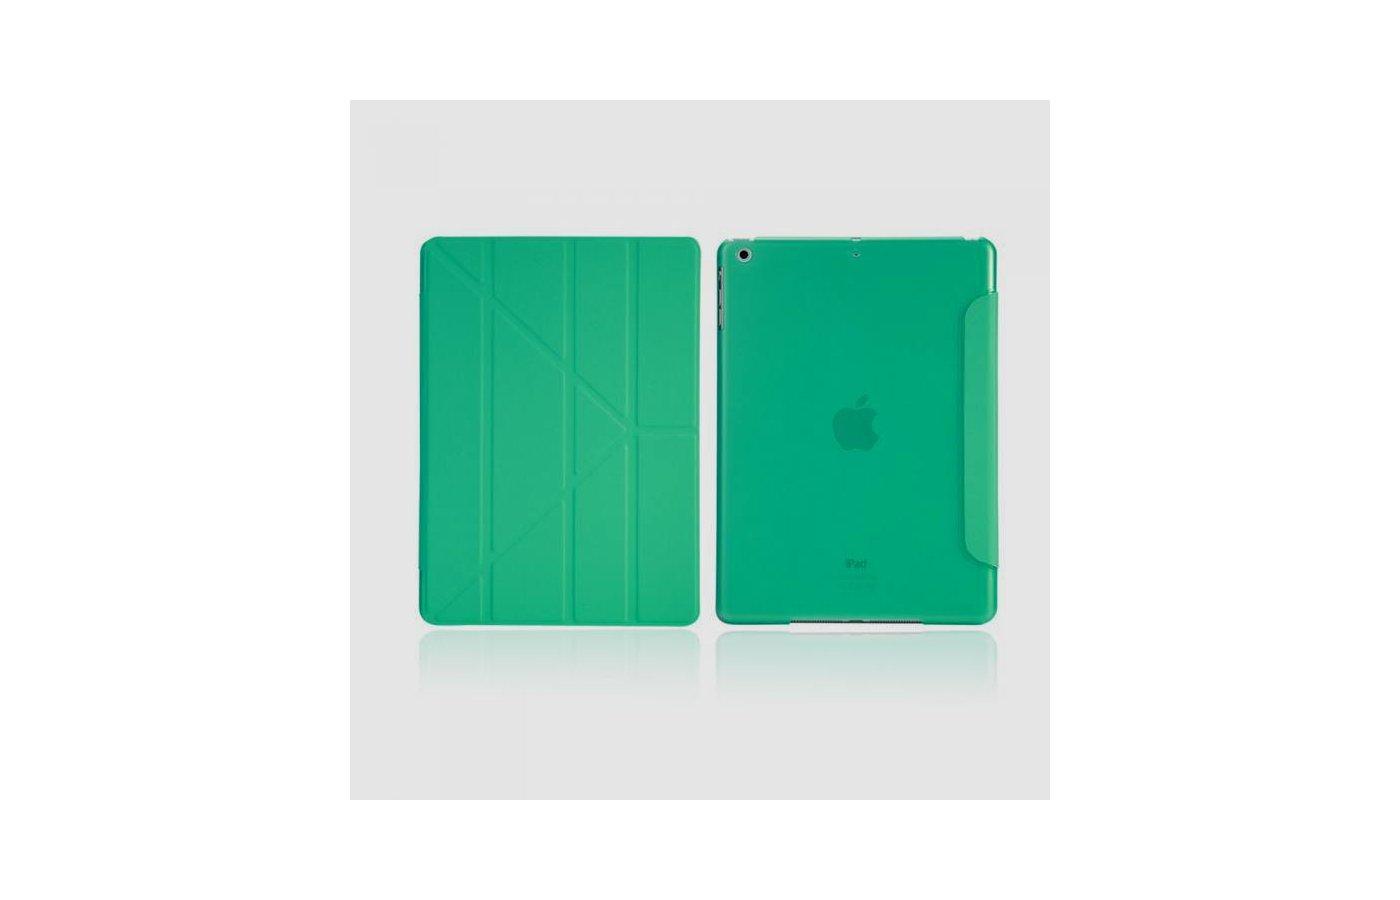 Чехол для планшетного ПК IT BAGGAGE для iPad Air 9.7 hard case искус. кожа бирюзовый с тонированной задней стенкой ITIPAD501-